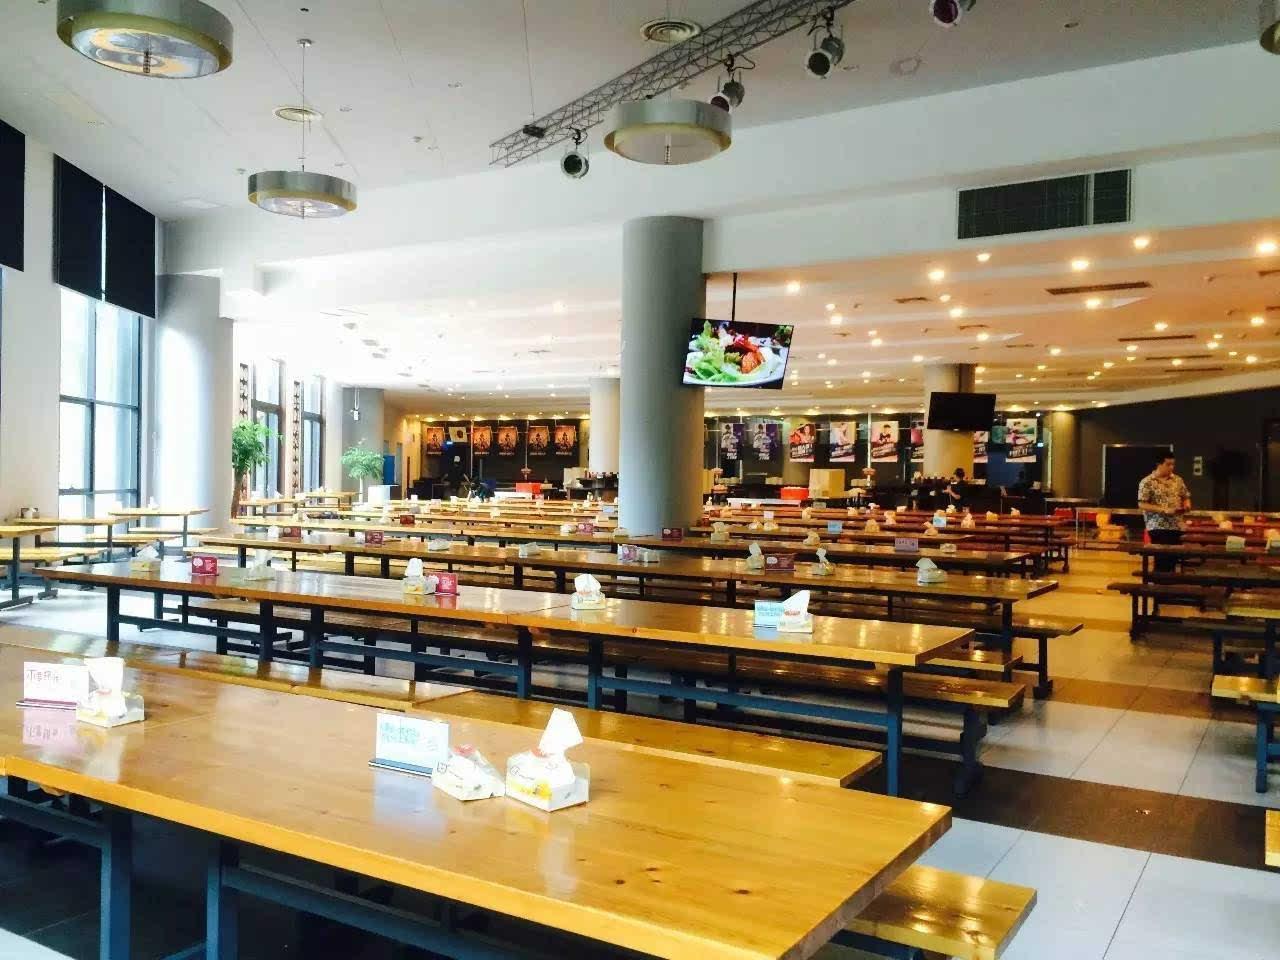 杭州这家公司的食堂,装修超带感,关键吃饭还